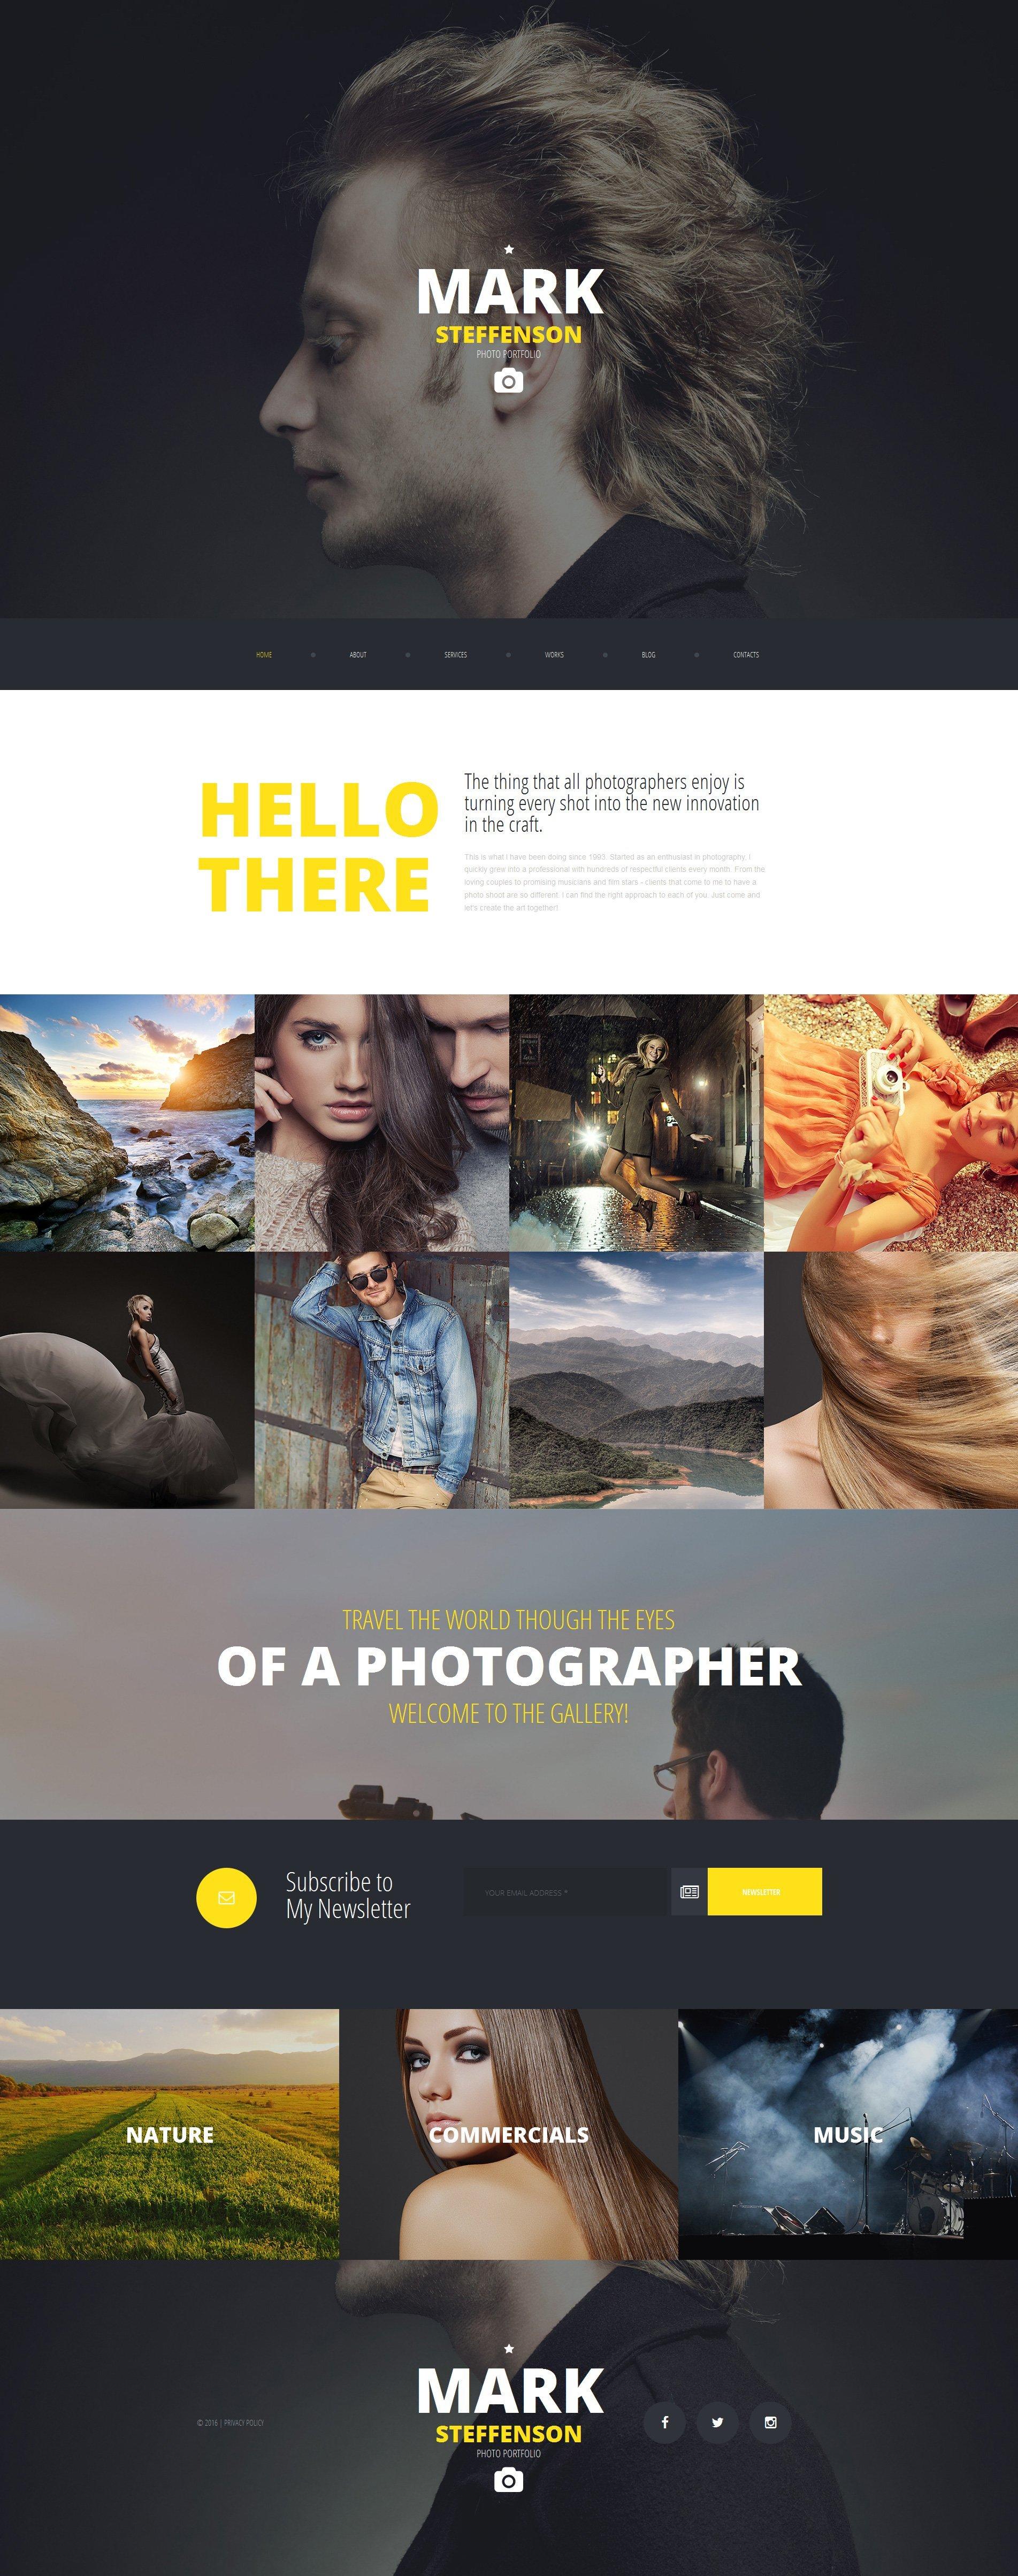 Responsywny szablon Moto CMS 3 #58553 na temat: portfolio fotograficzne - zrzut ekranu